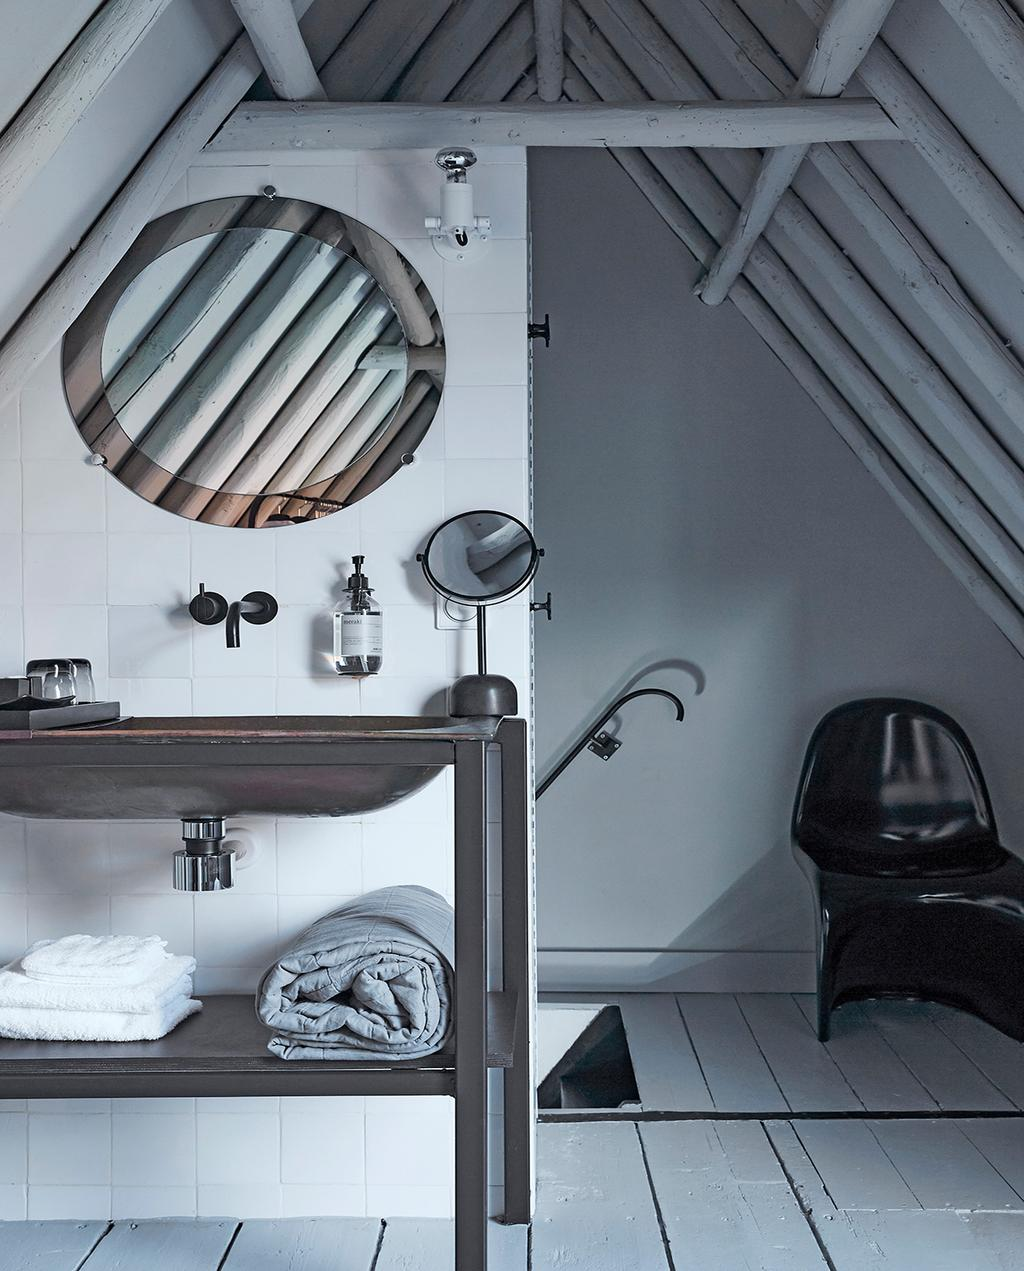 vtwonen 02-2021 | binnenkijken Harlingen badkamer met wit schuin dak, zwarte stoel